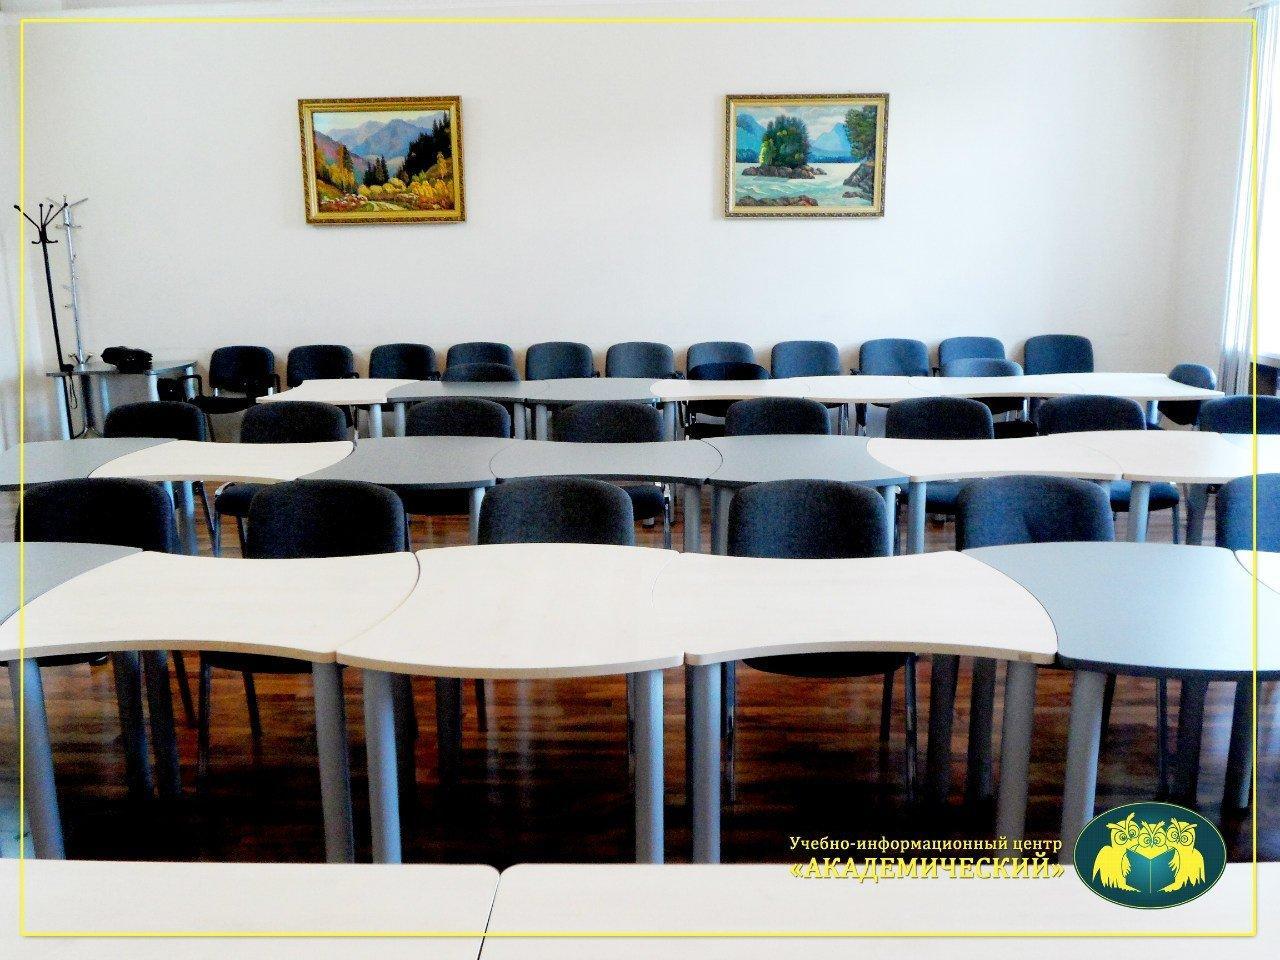 фотография Учебно-информационный центр Академический на проспекте Мира, 53